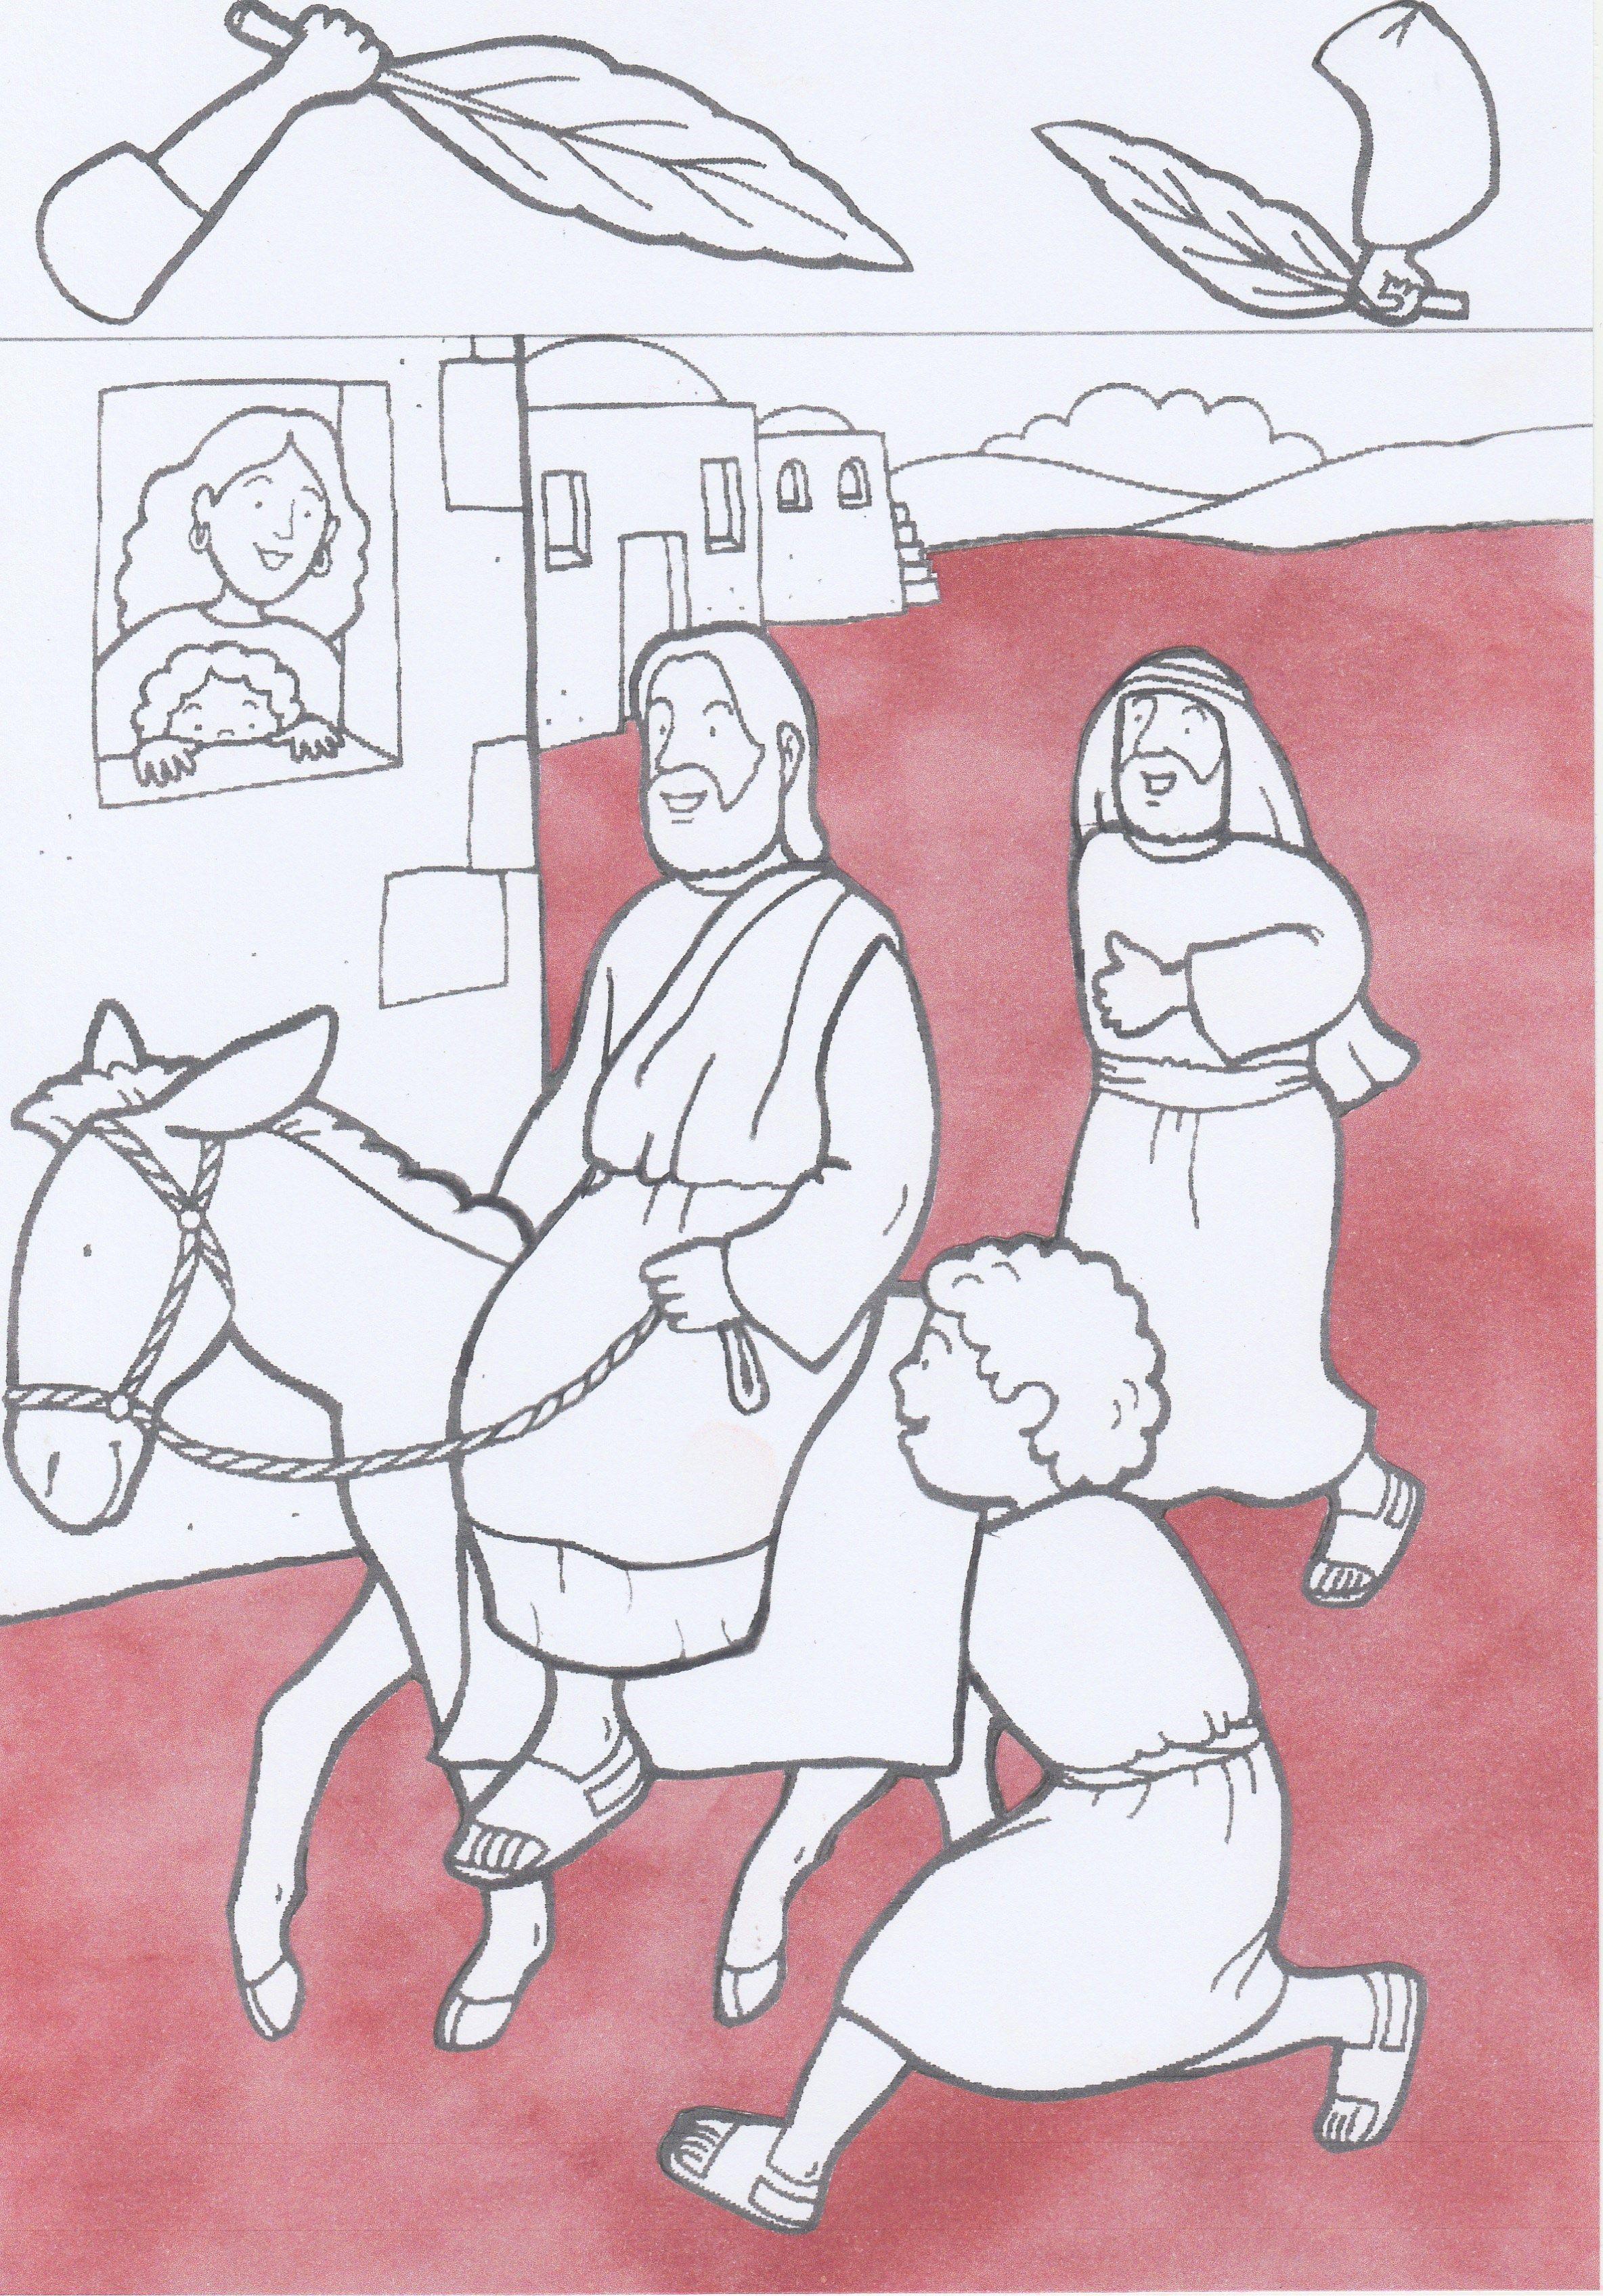 Knip De Strook Van De Kleurplaat Af Knip De Armen Uit En Maak Ze Met Een Splitpen Vast Op De Juiste Plaats Van De Kleurplaat Z Ilustracoes Infantil Religioso